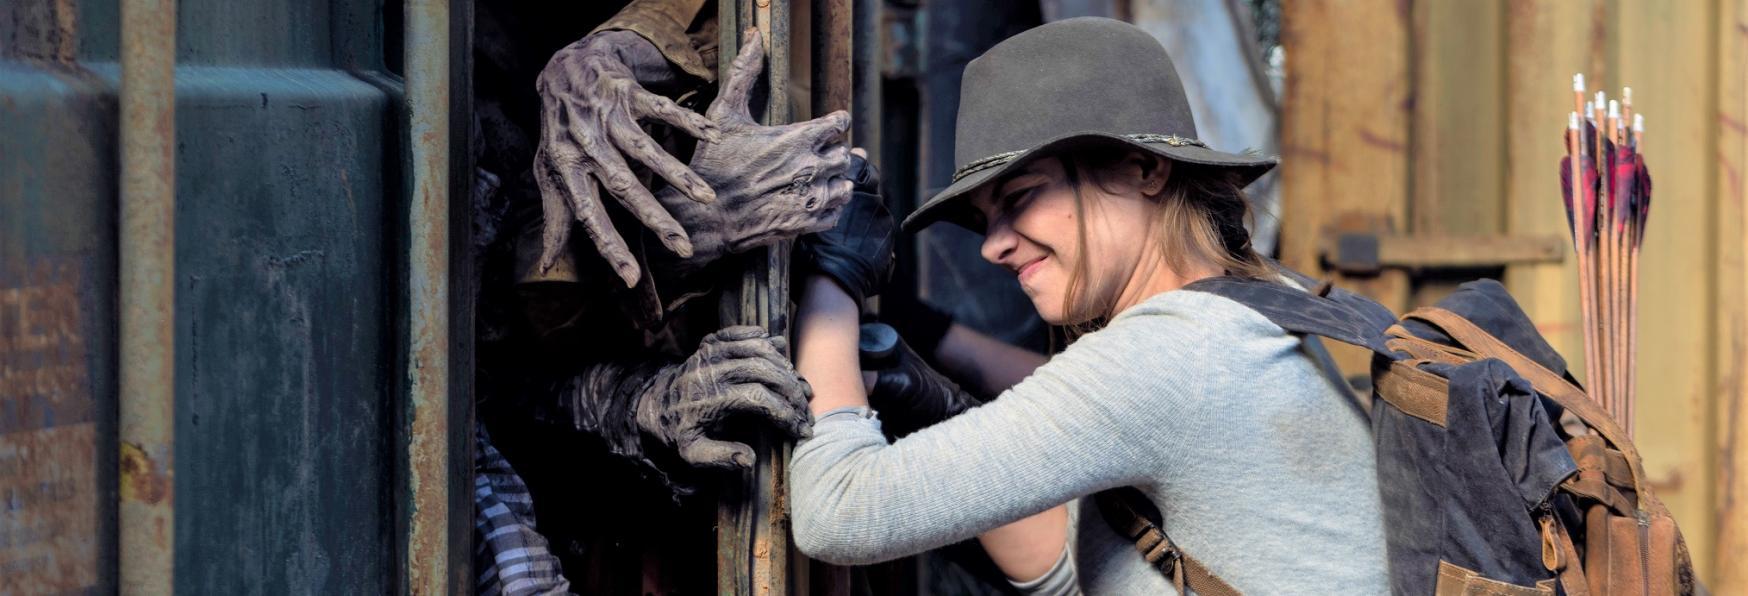 The Walking Dead 10: Tutte le Informazioni sulla Terza Parte